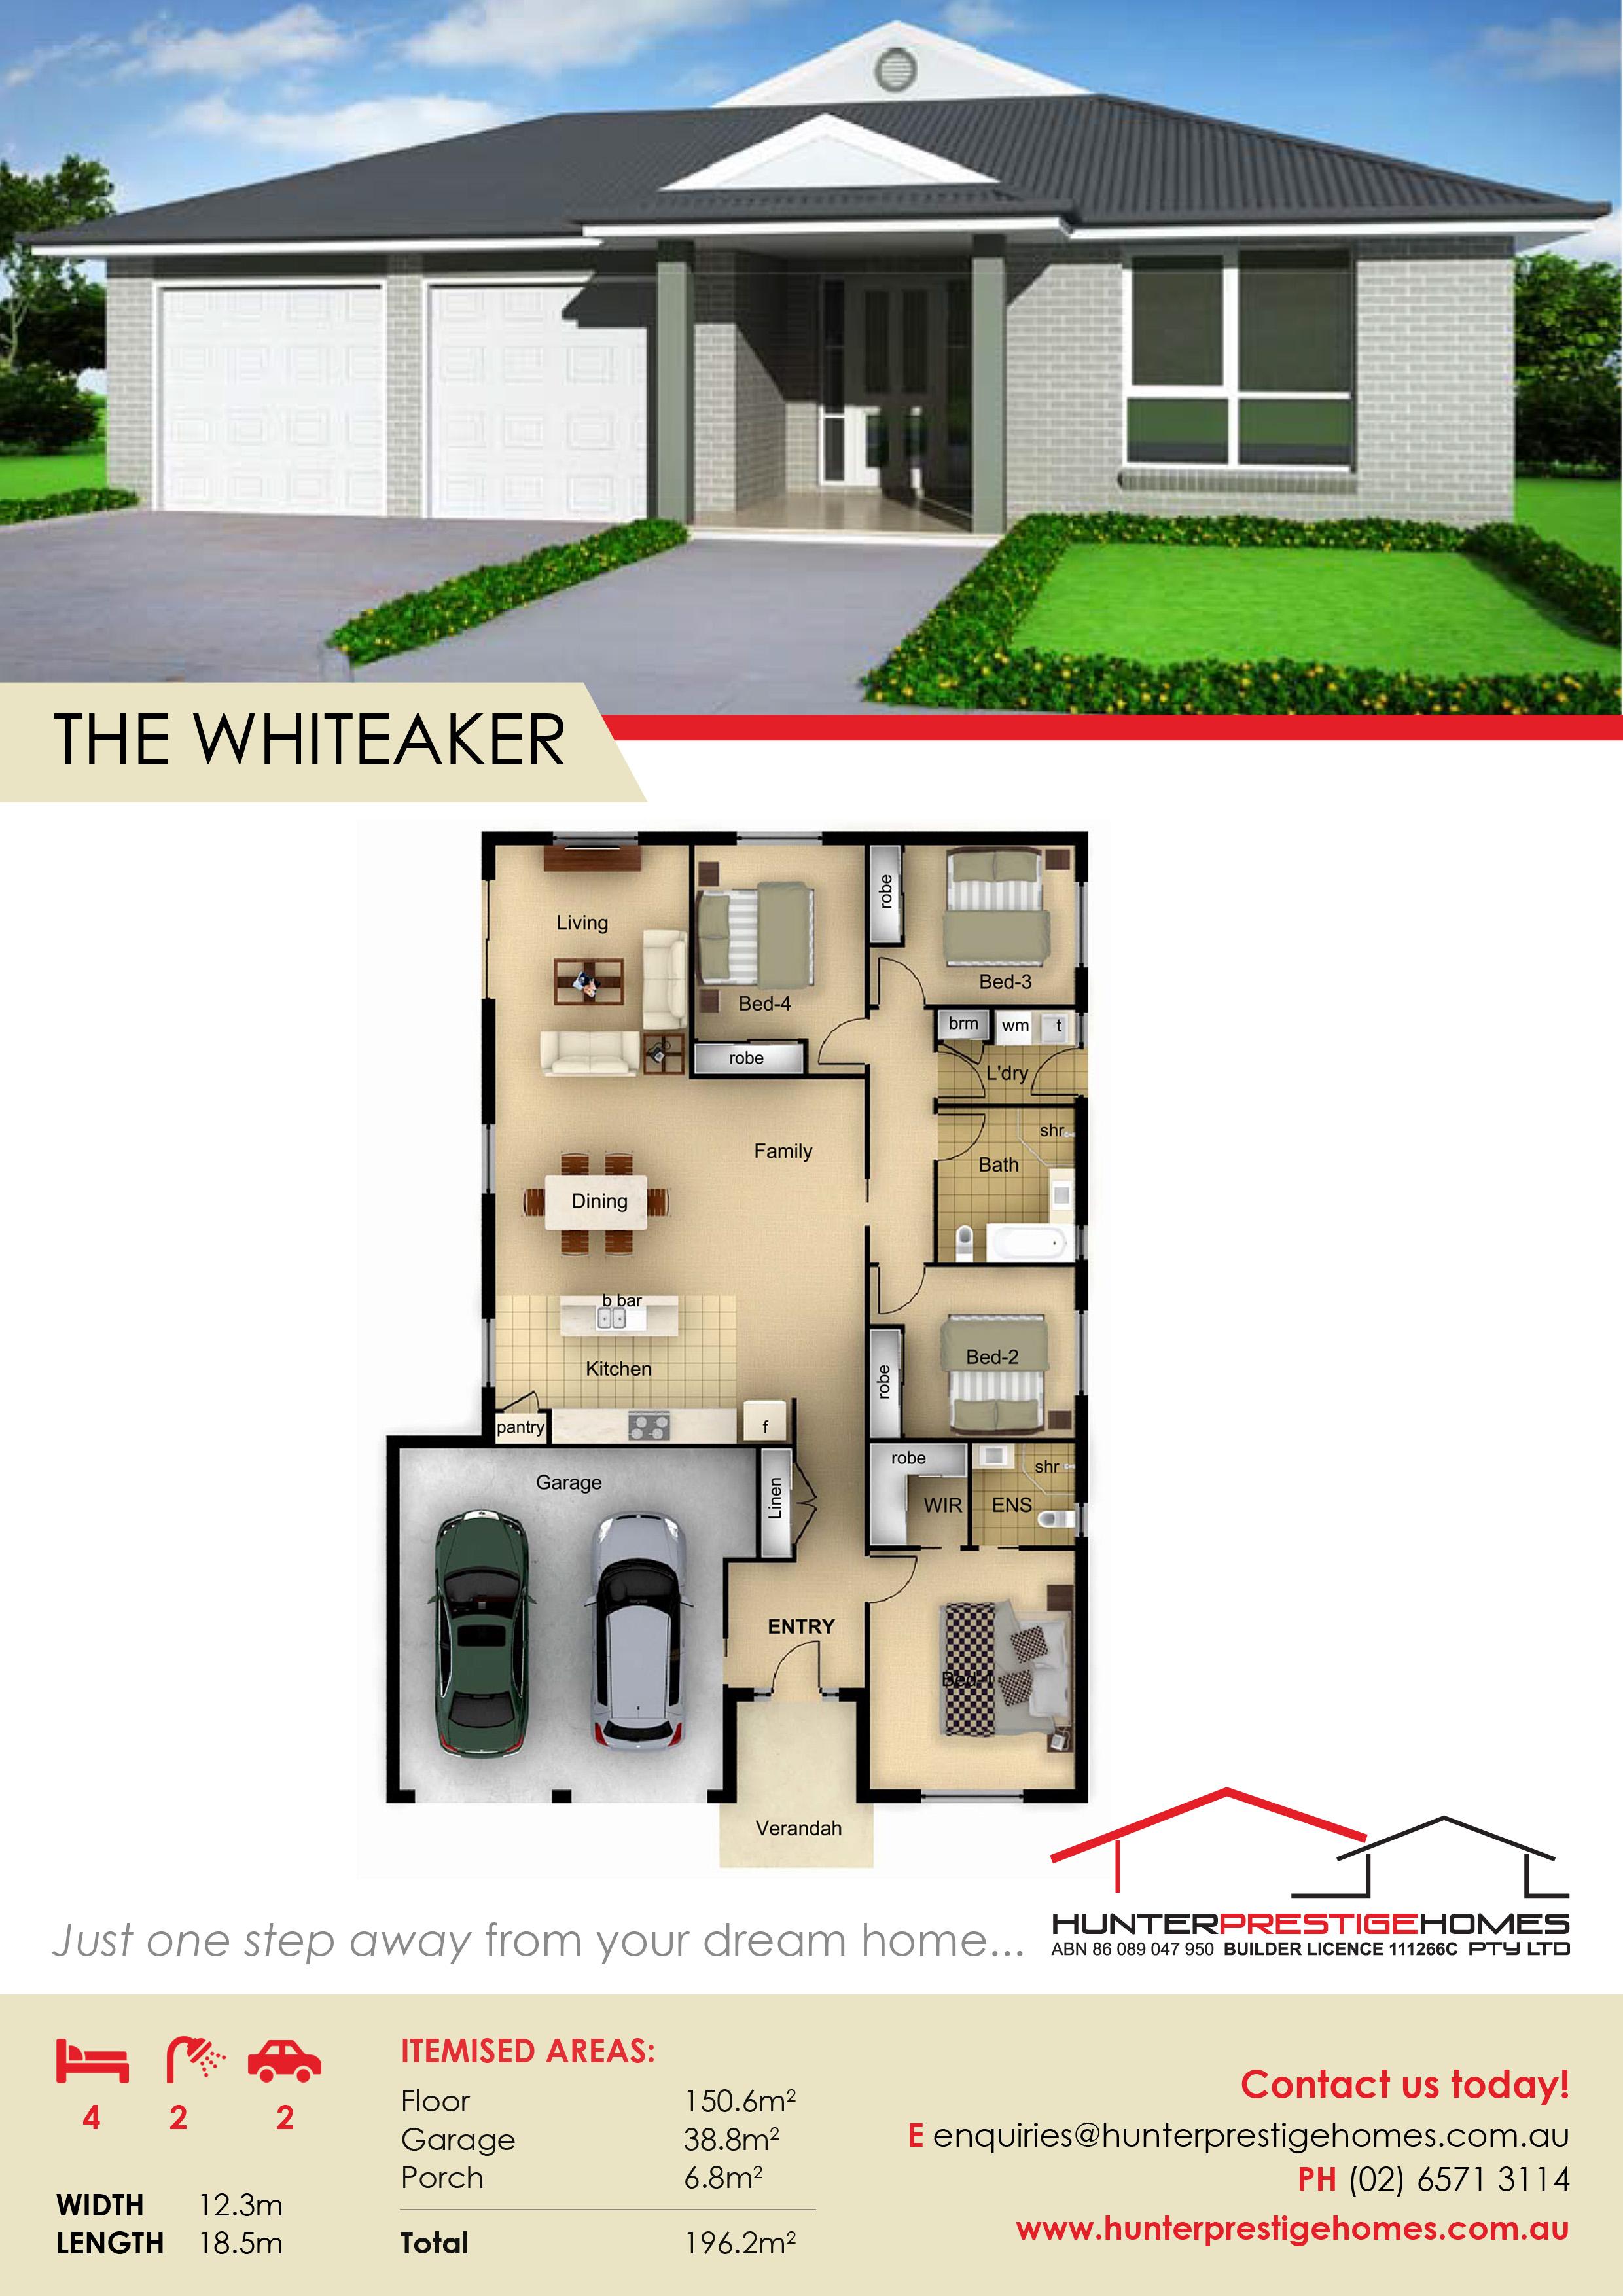 Whiteaker_HPH_Brochure